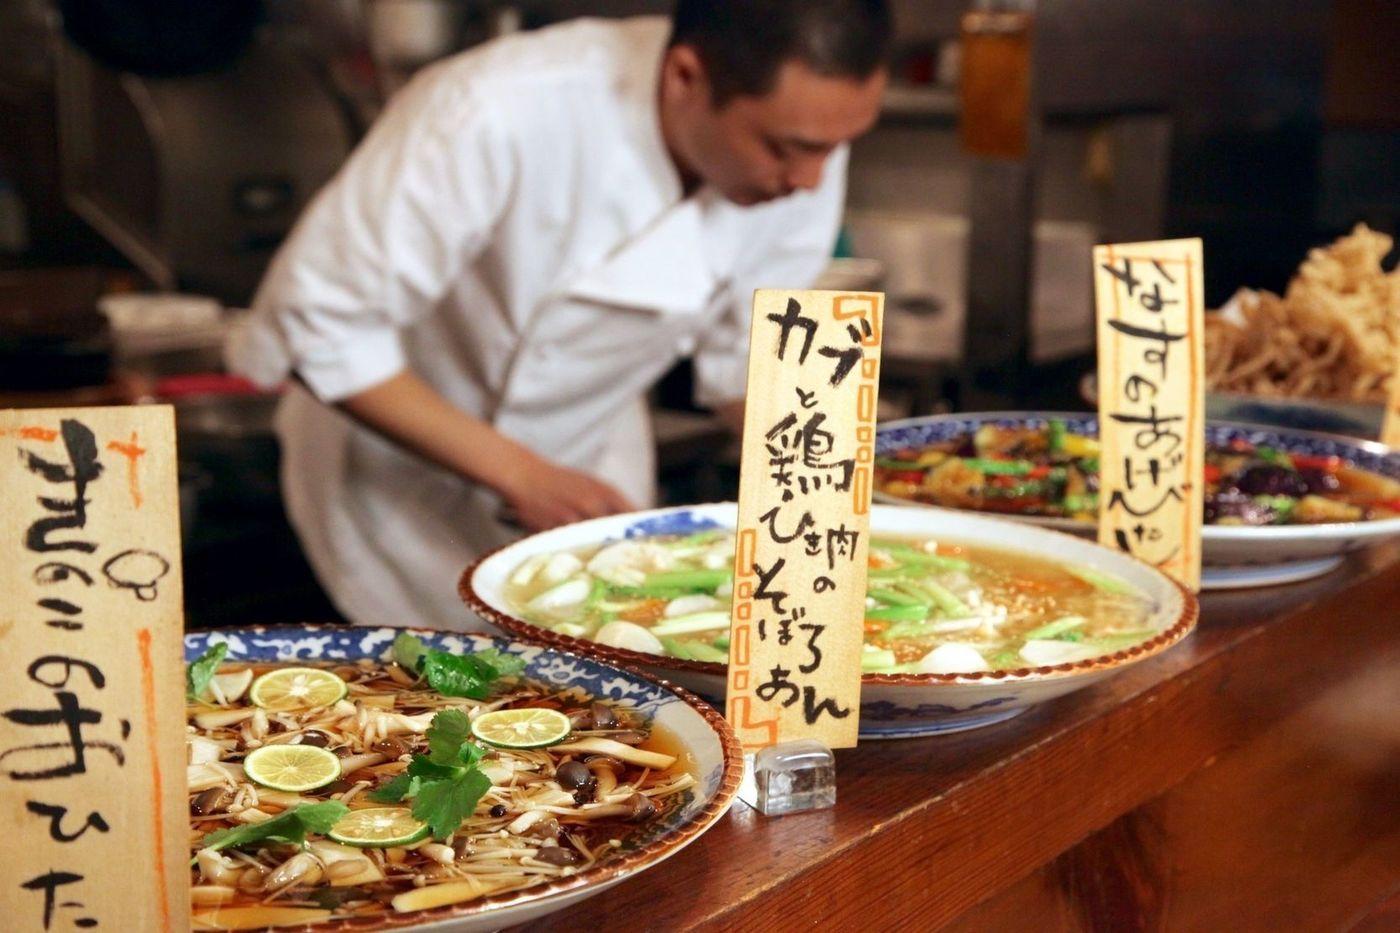 渋谷桜ヶ丘の美味しいディナーが食べられるお店をご紹介♪厳選4選の画像